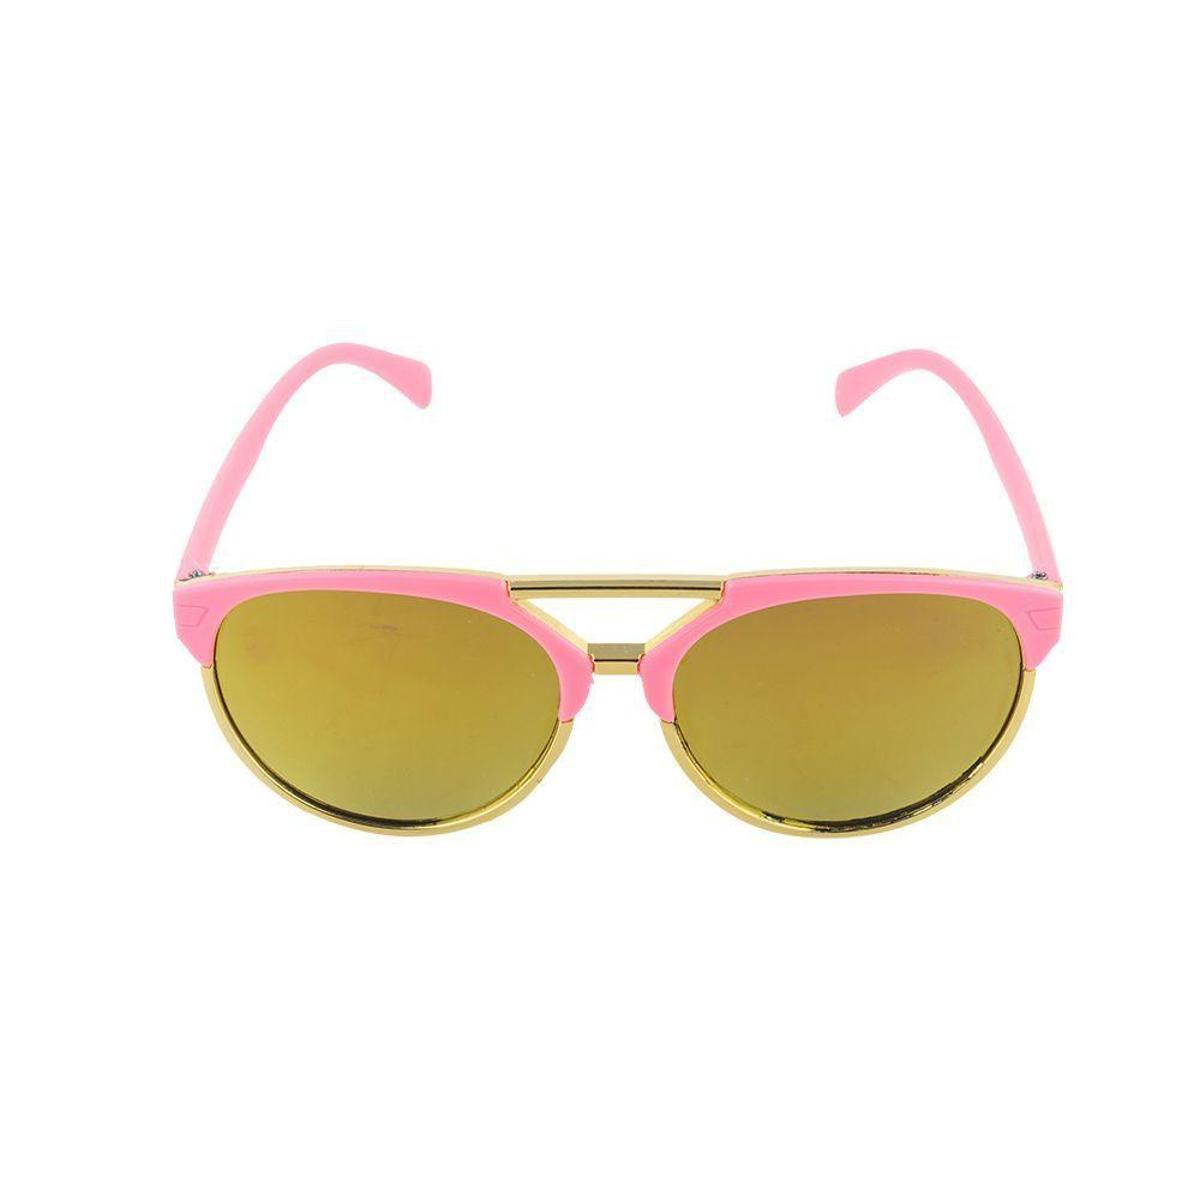 Óculos de Sol Khatto Infantil Feminino - Compre Agora   Netshoes 3e261a3733